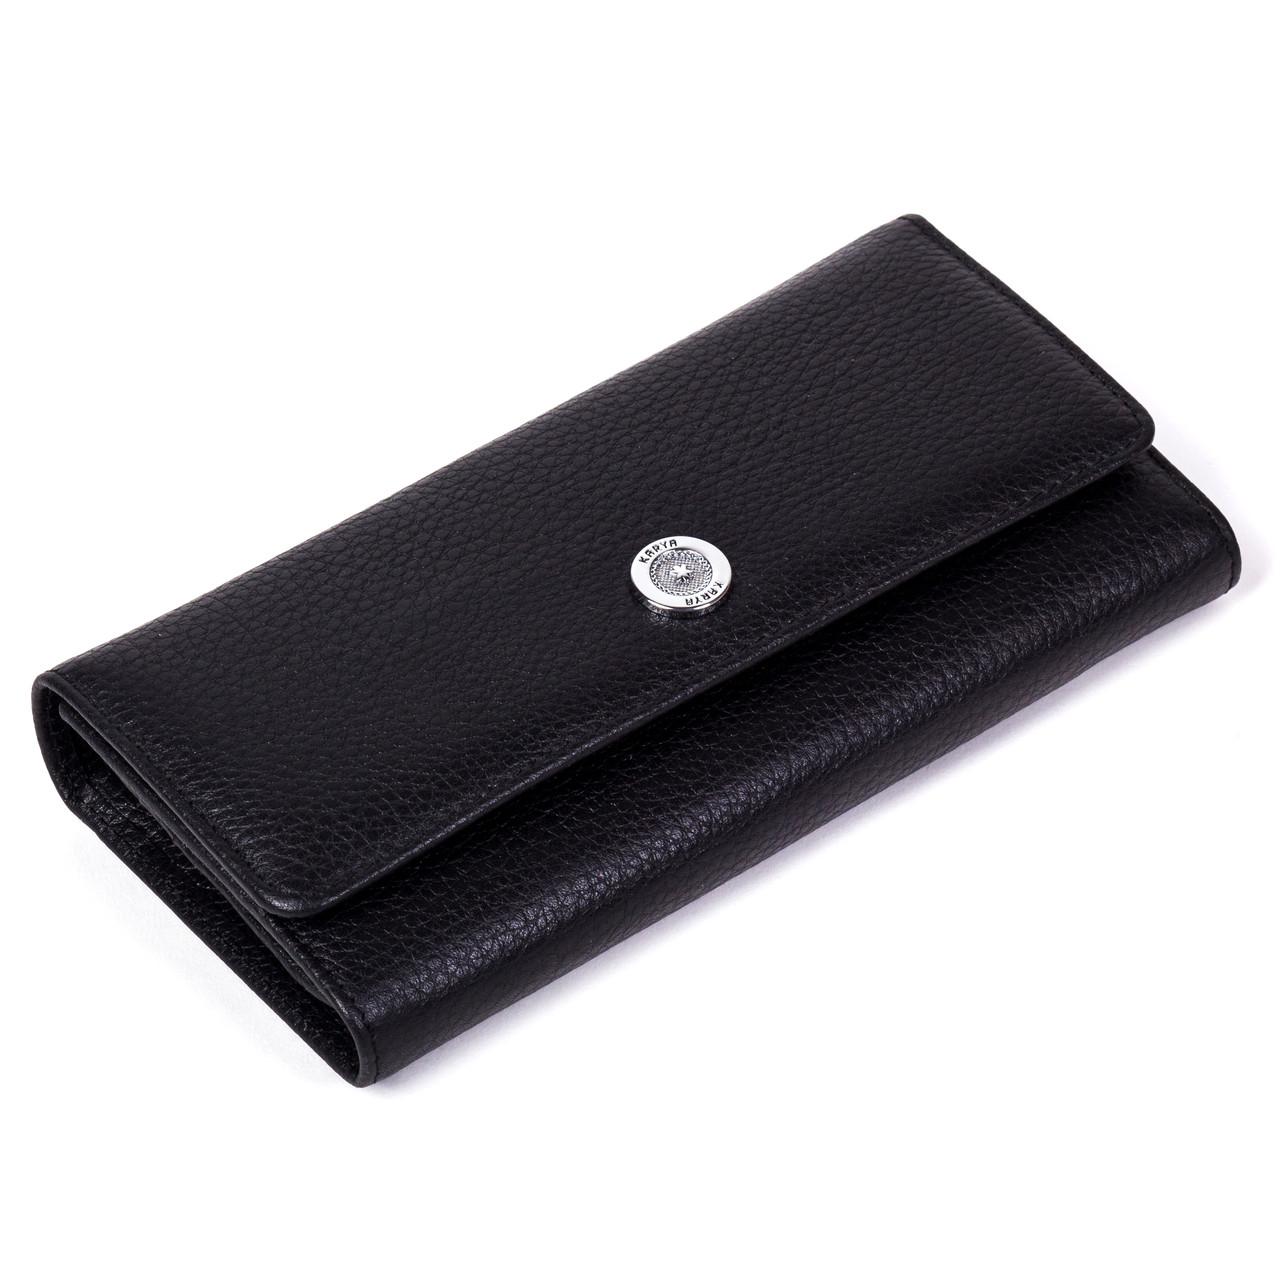 20d82ef3b34c Кошелек Karya 1146-45 черный из натуральной кожи - FainaModa магазин  кожаных изделий в Тернополе